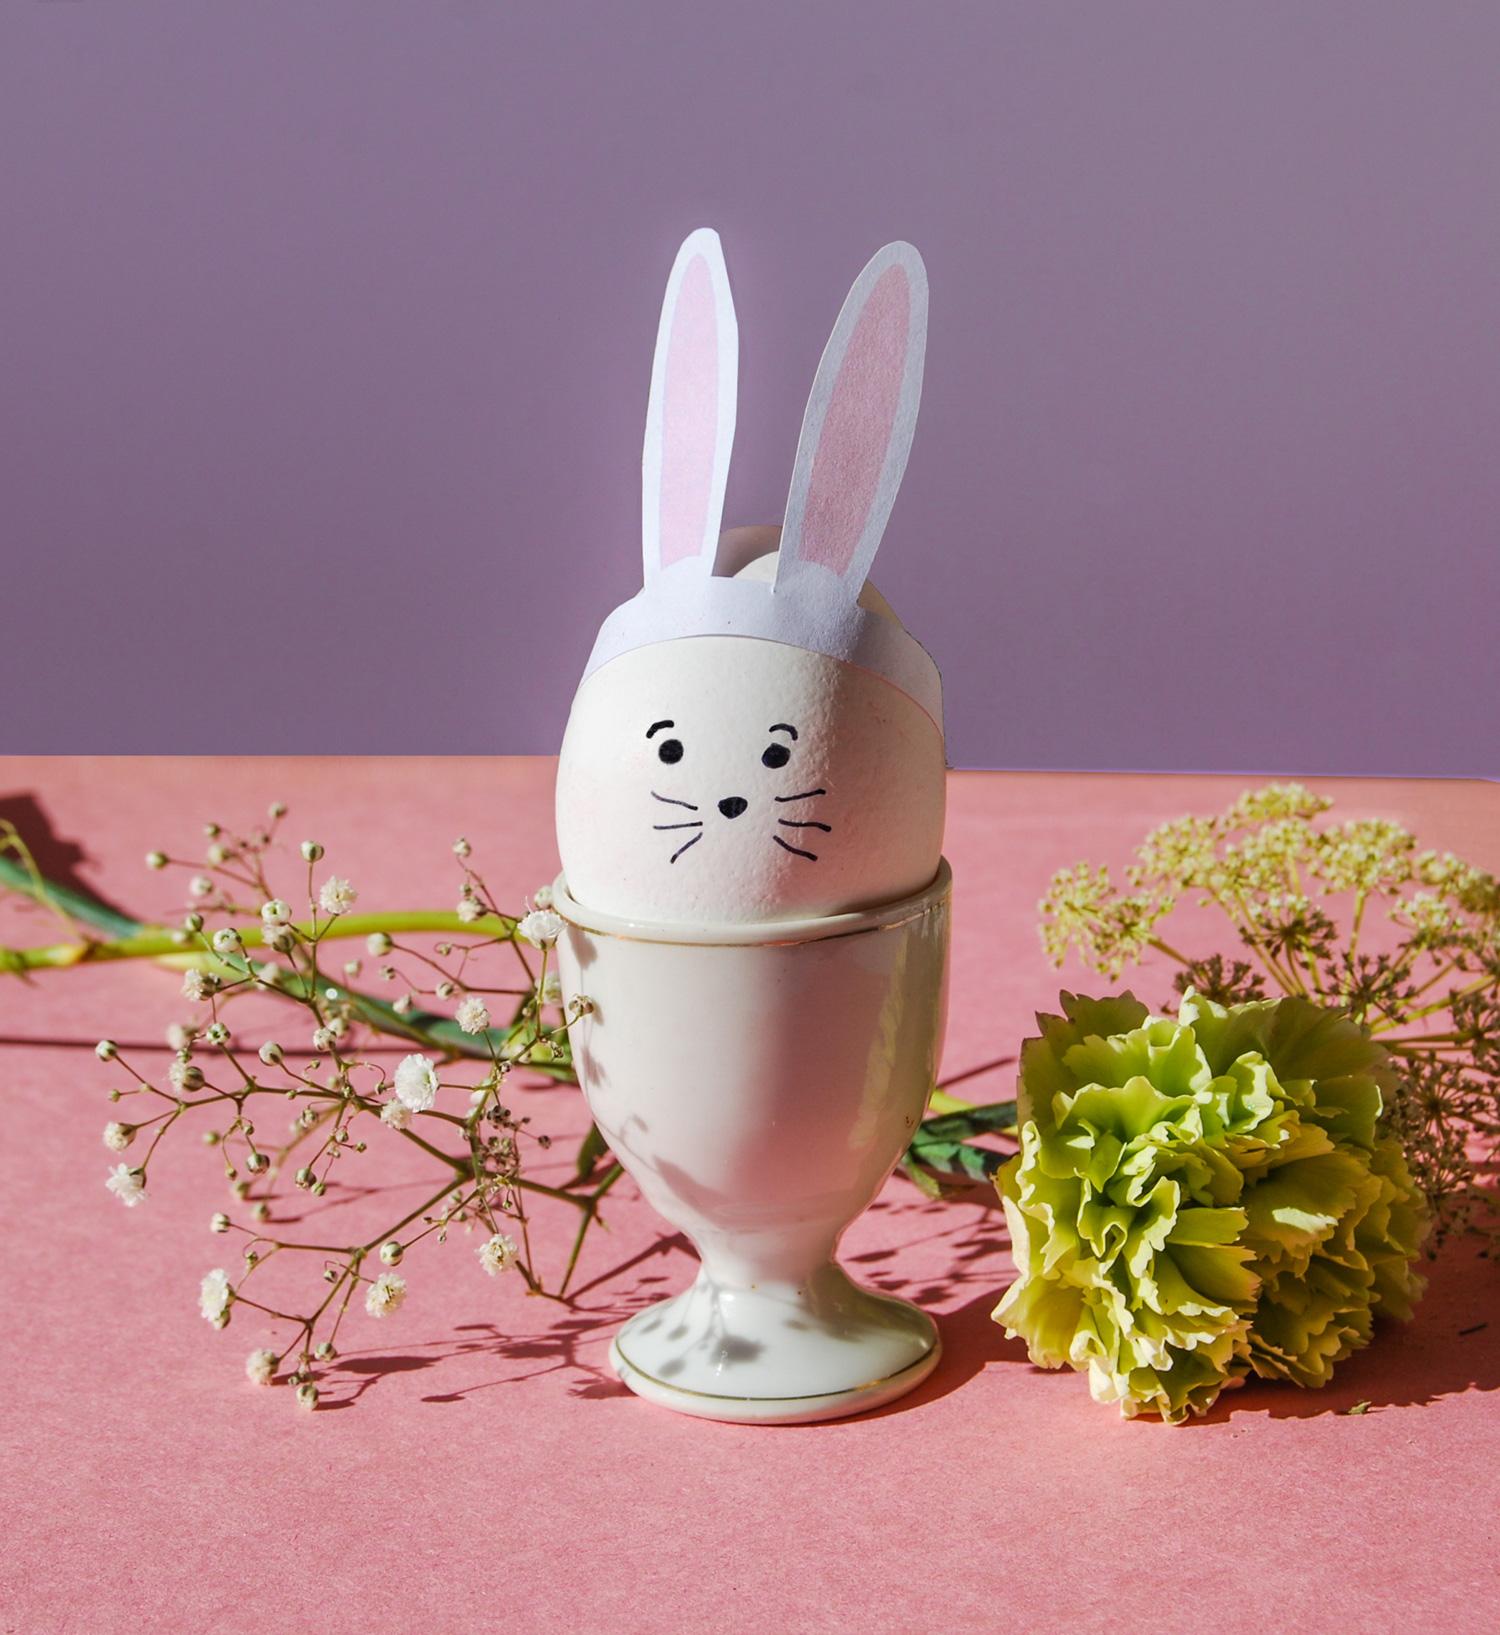 deckorera ägg i påsk med kaninöron